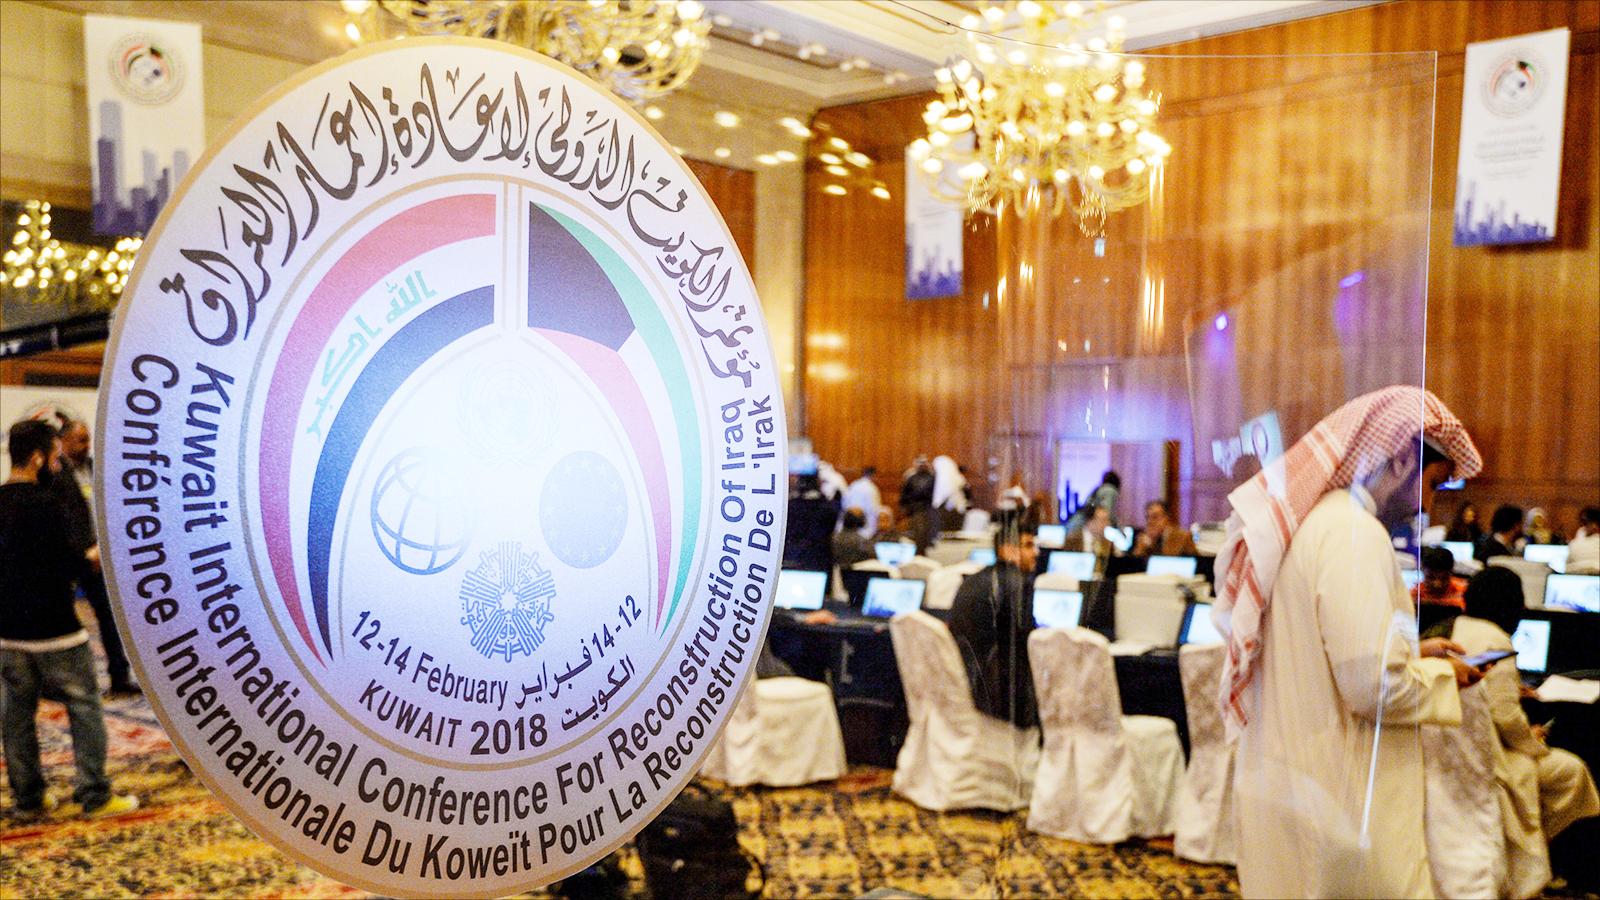 تقرير امريكي: مؤتمر الكويت فشل وضربة مهينة للعراق يهدد مستقبل العبادي